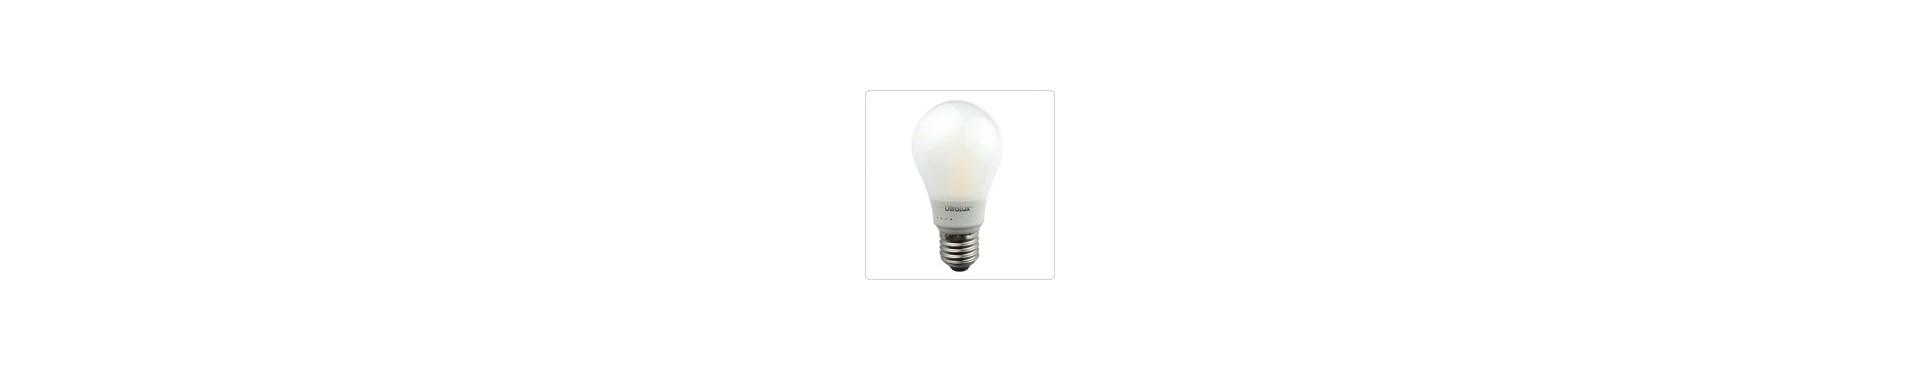 Køb LED pærer her - LED-lys er langt billigere i drift